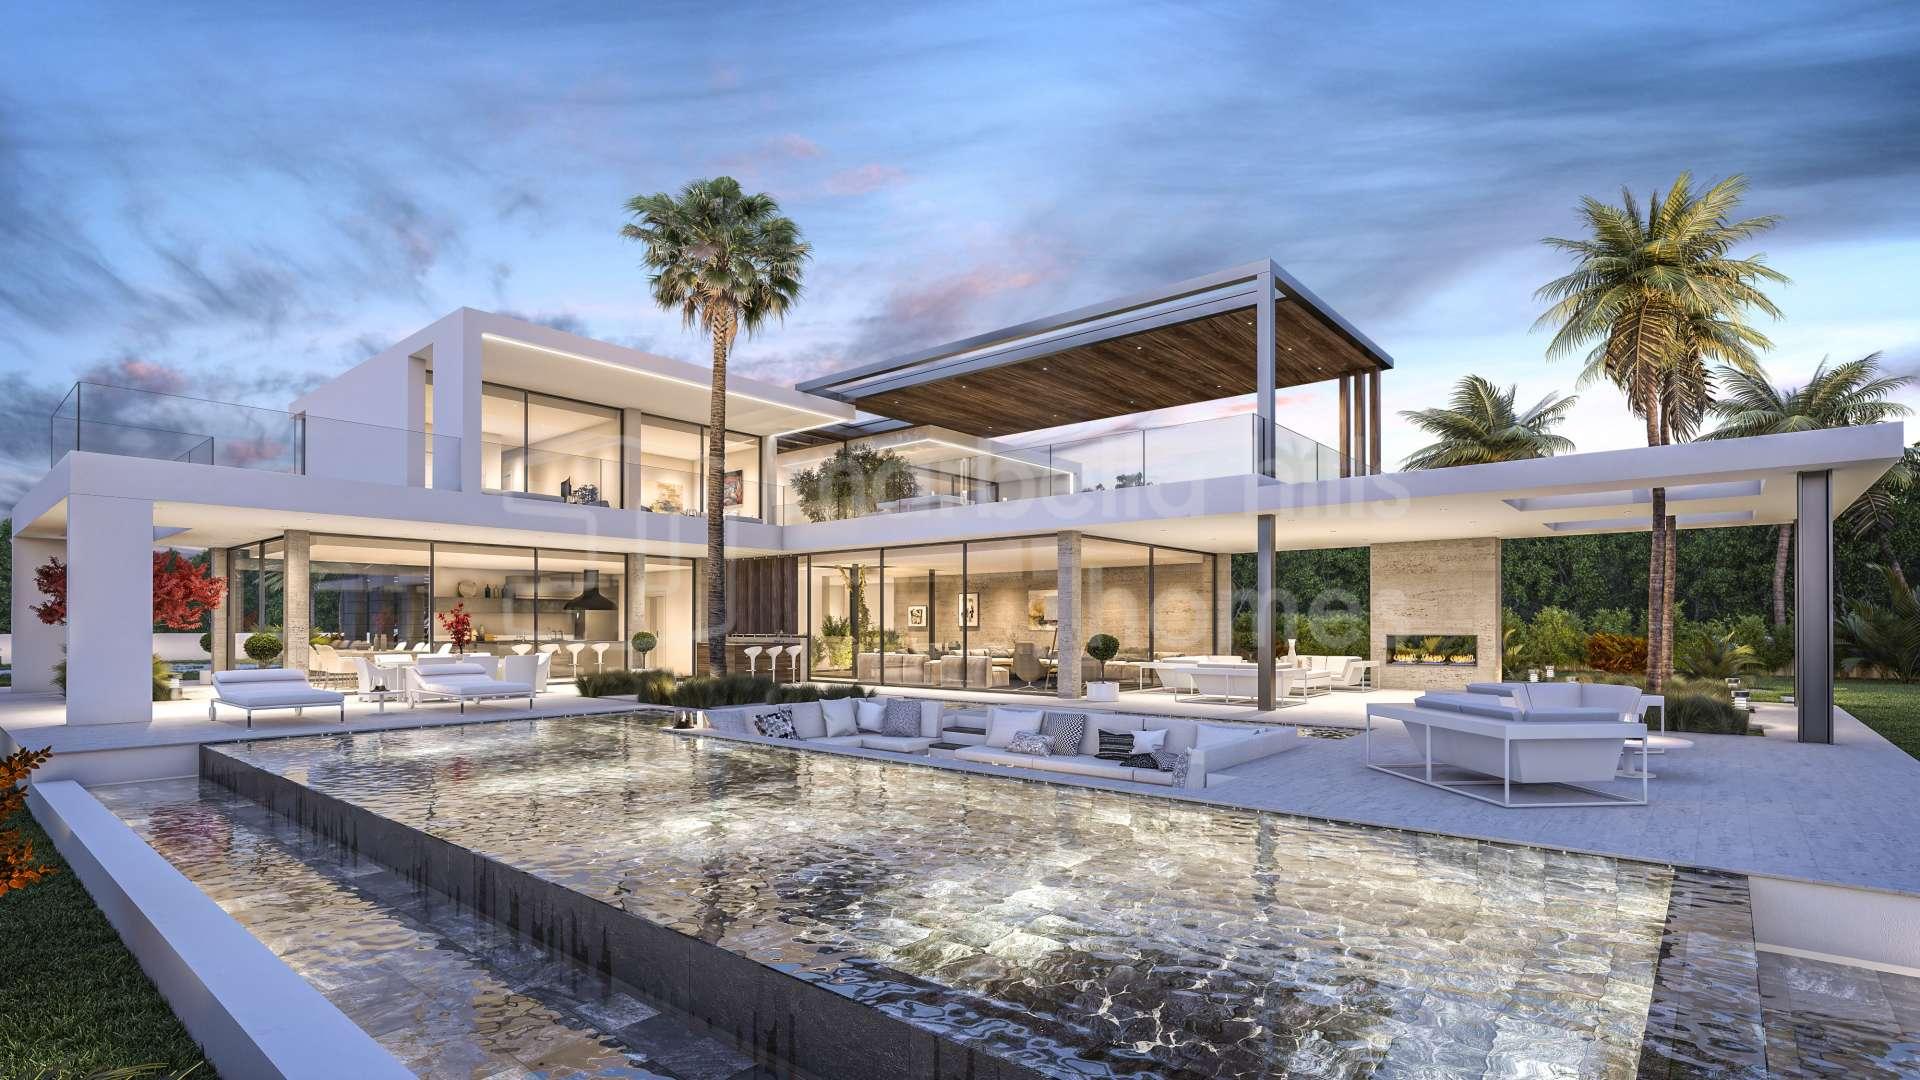 Moderne villa zum verkauf in nagüeles marbella malaga die costa